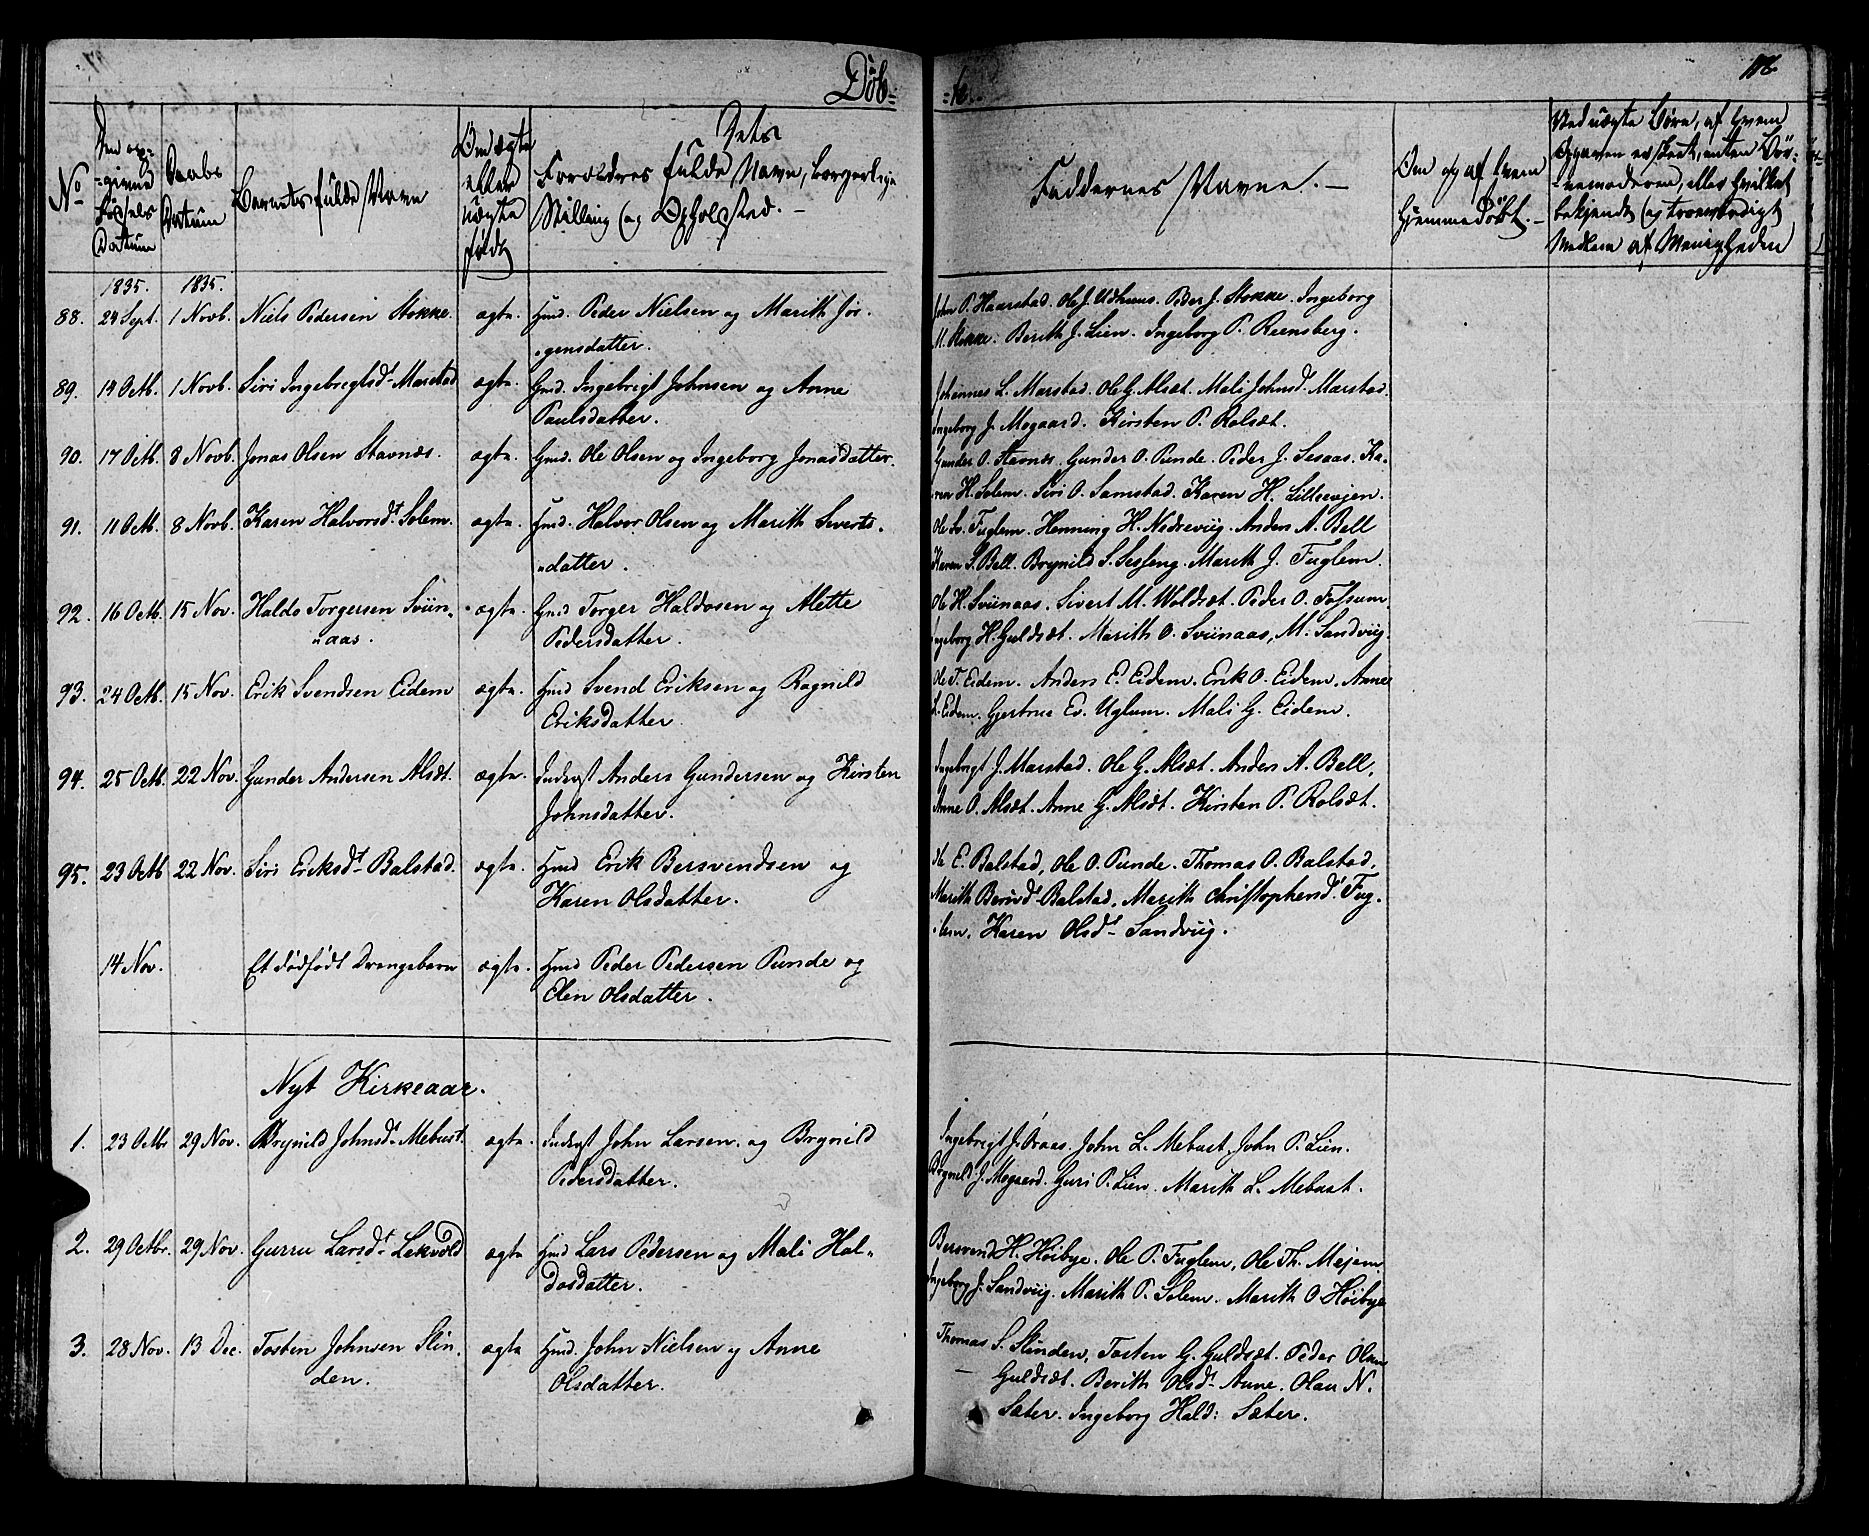 SAT, Ministerialprotokoller, klokkerbøker og fødselsregistre - Sør-Trøndelag, 695/L1143: Ministerialbok nr. 695A05 /1, 1824-1842, s. 118